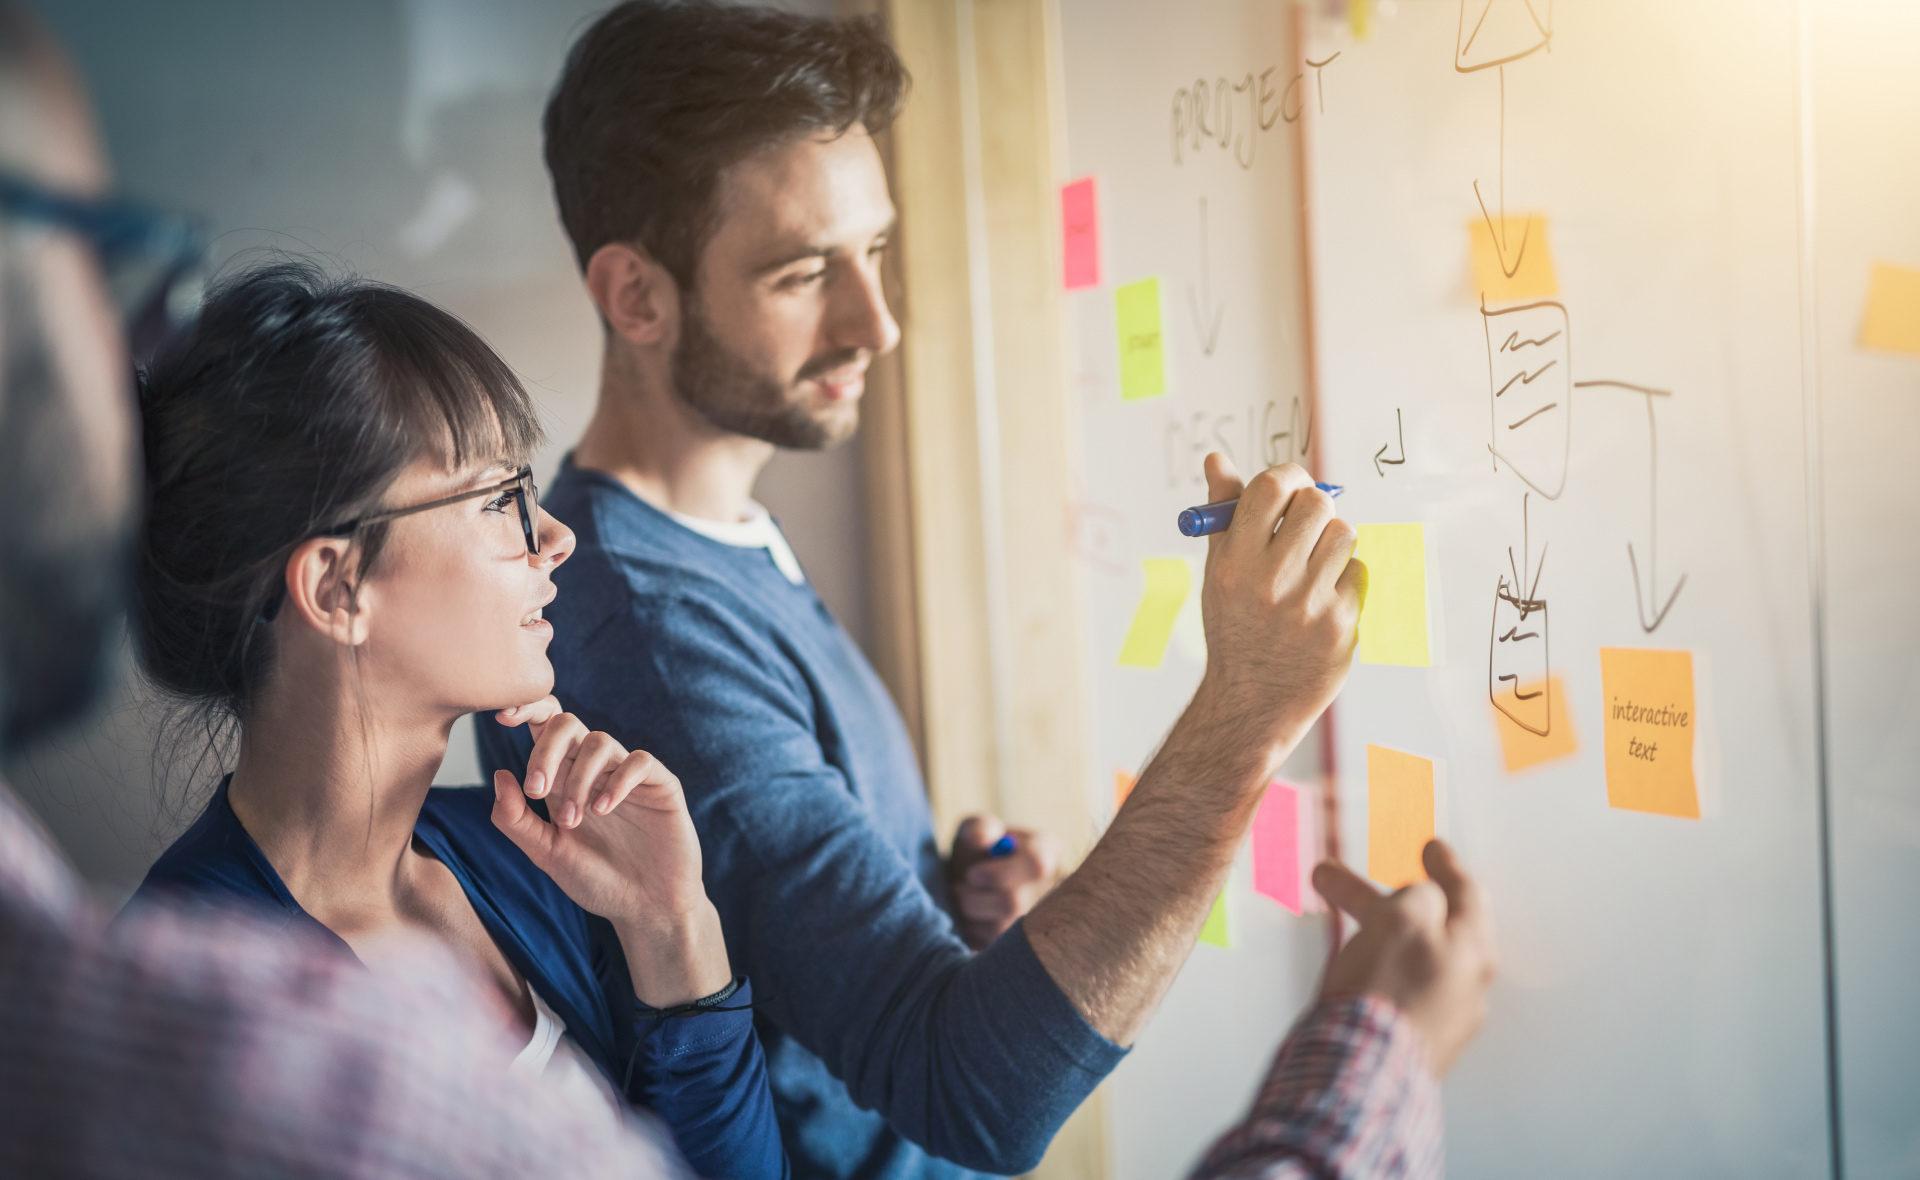 empleados- agile-post-it trabajadores